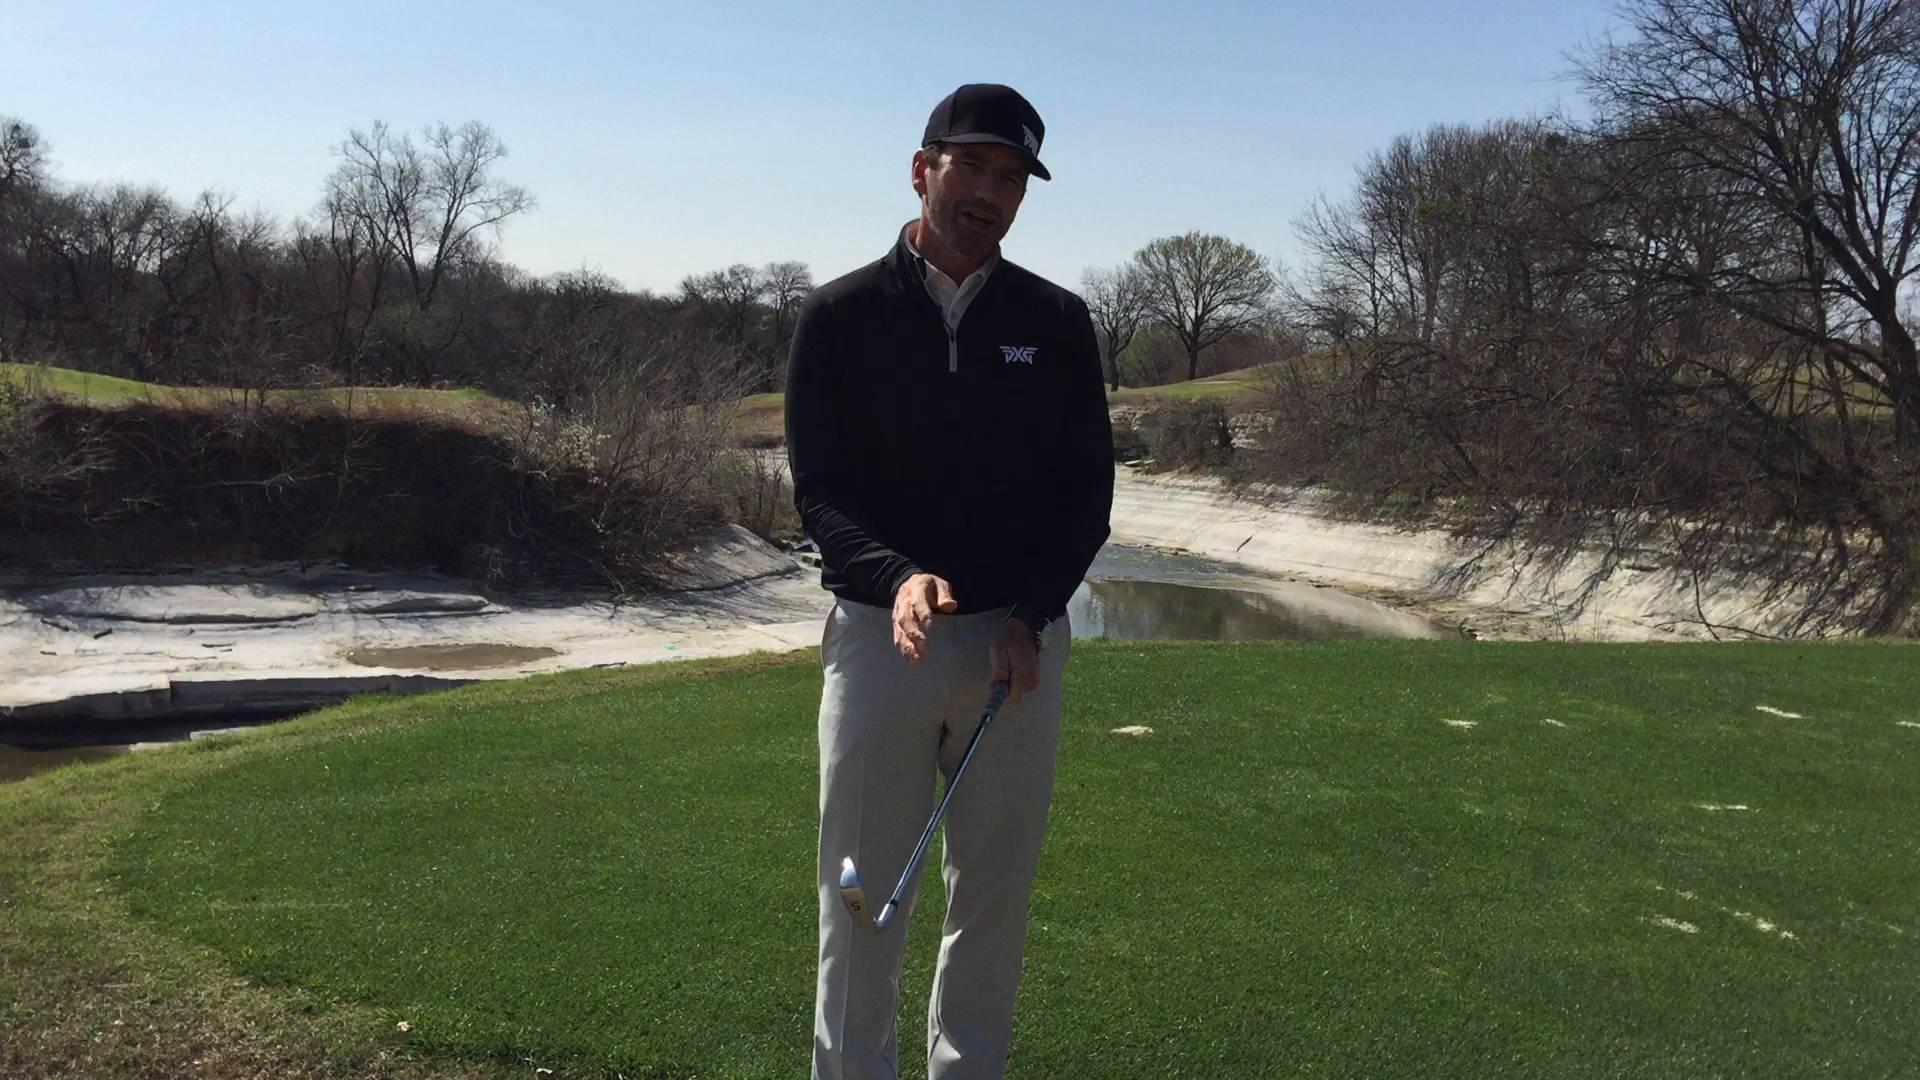 Golf Fundamentals: Grip Pressure